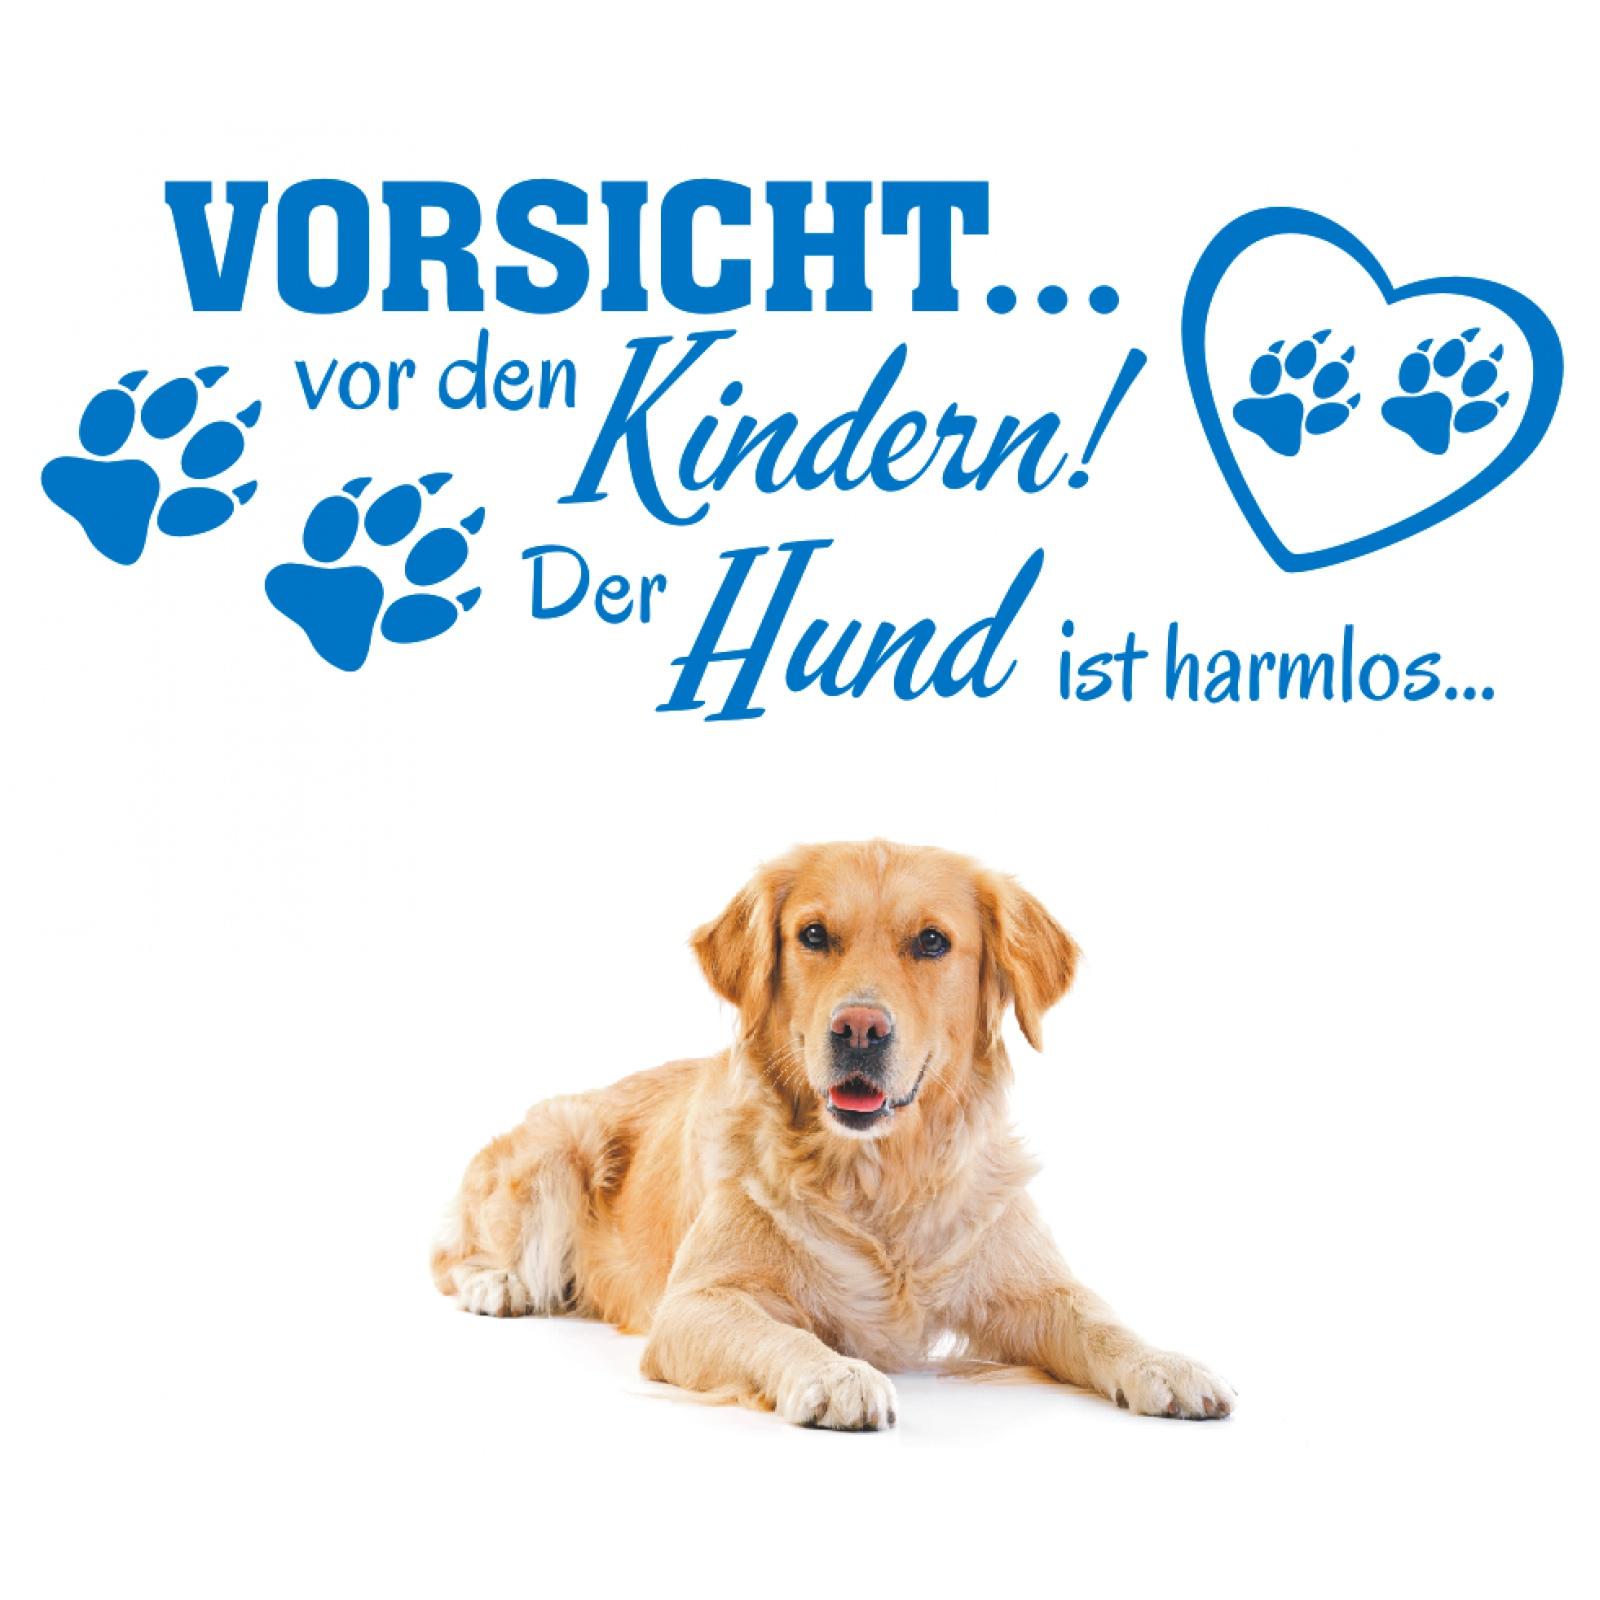 Wandtattoo-Spruch-Vorsicht-vor-Kindern-Hund-harmlos-Wandaufkleber-Wandsticker-2 Indexbild 3